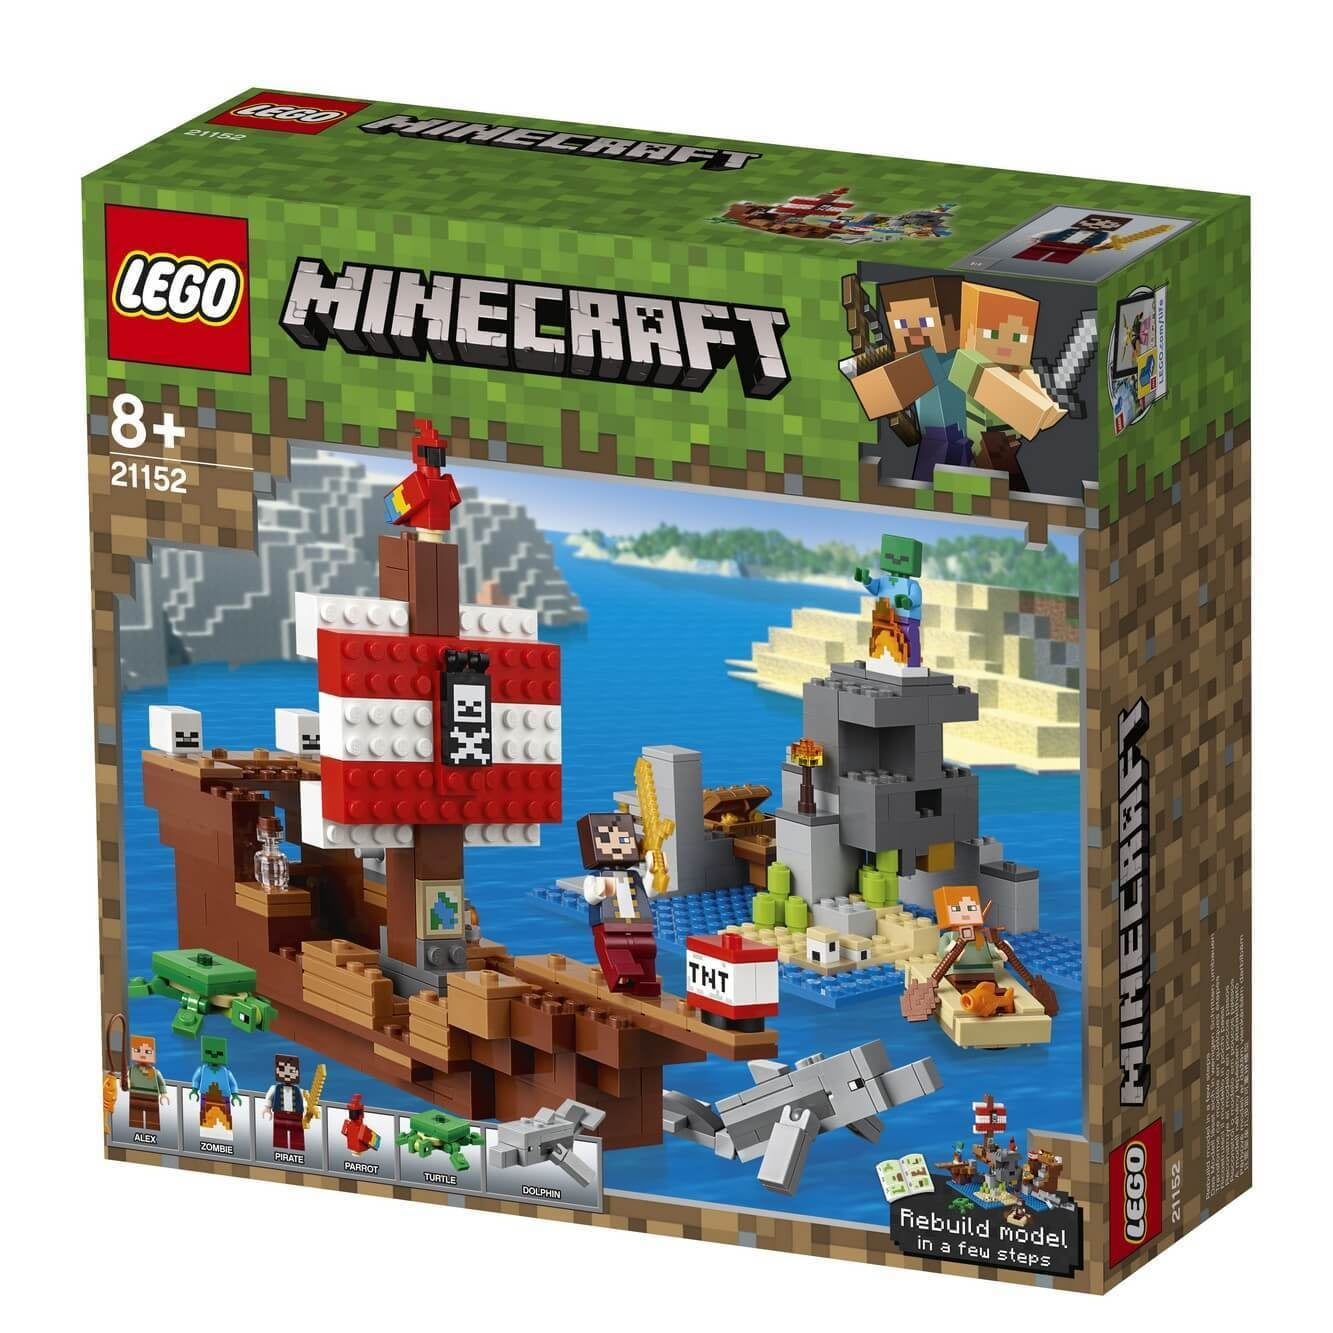 Opbergkist Voor Tuinstoelkussens.Lego Minecraft 21152 Avontuur Op Het Piratenschip Lego Minecraft 21152 Avontuur Op Het Piratenschip